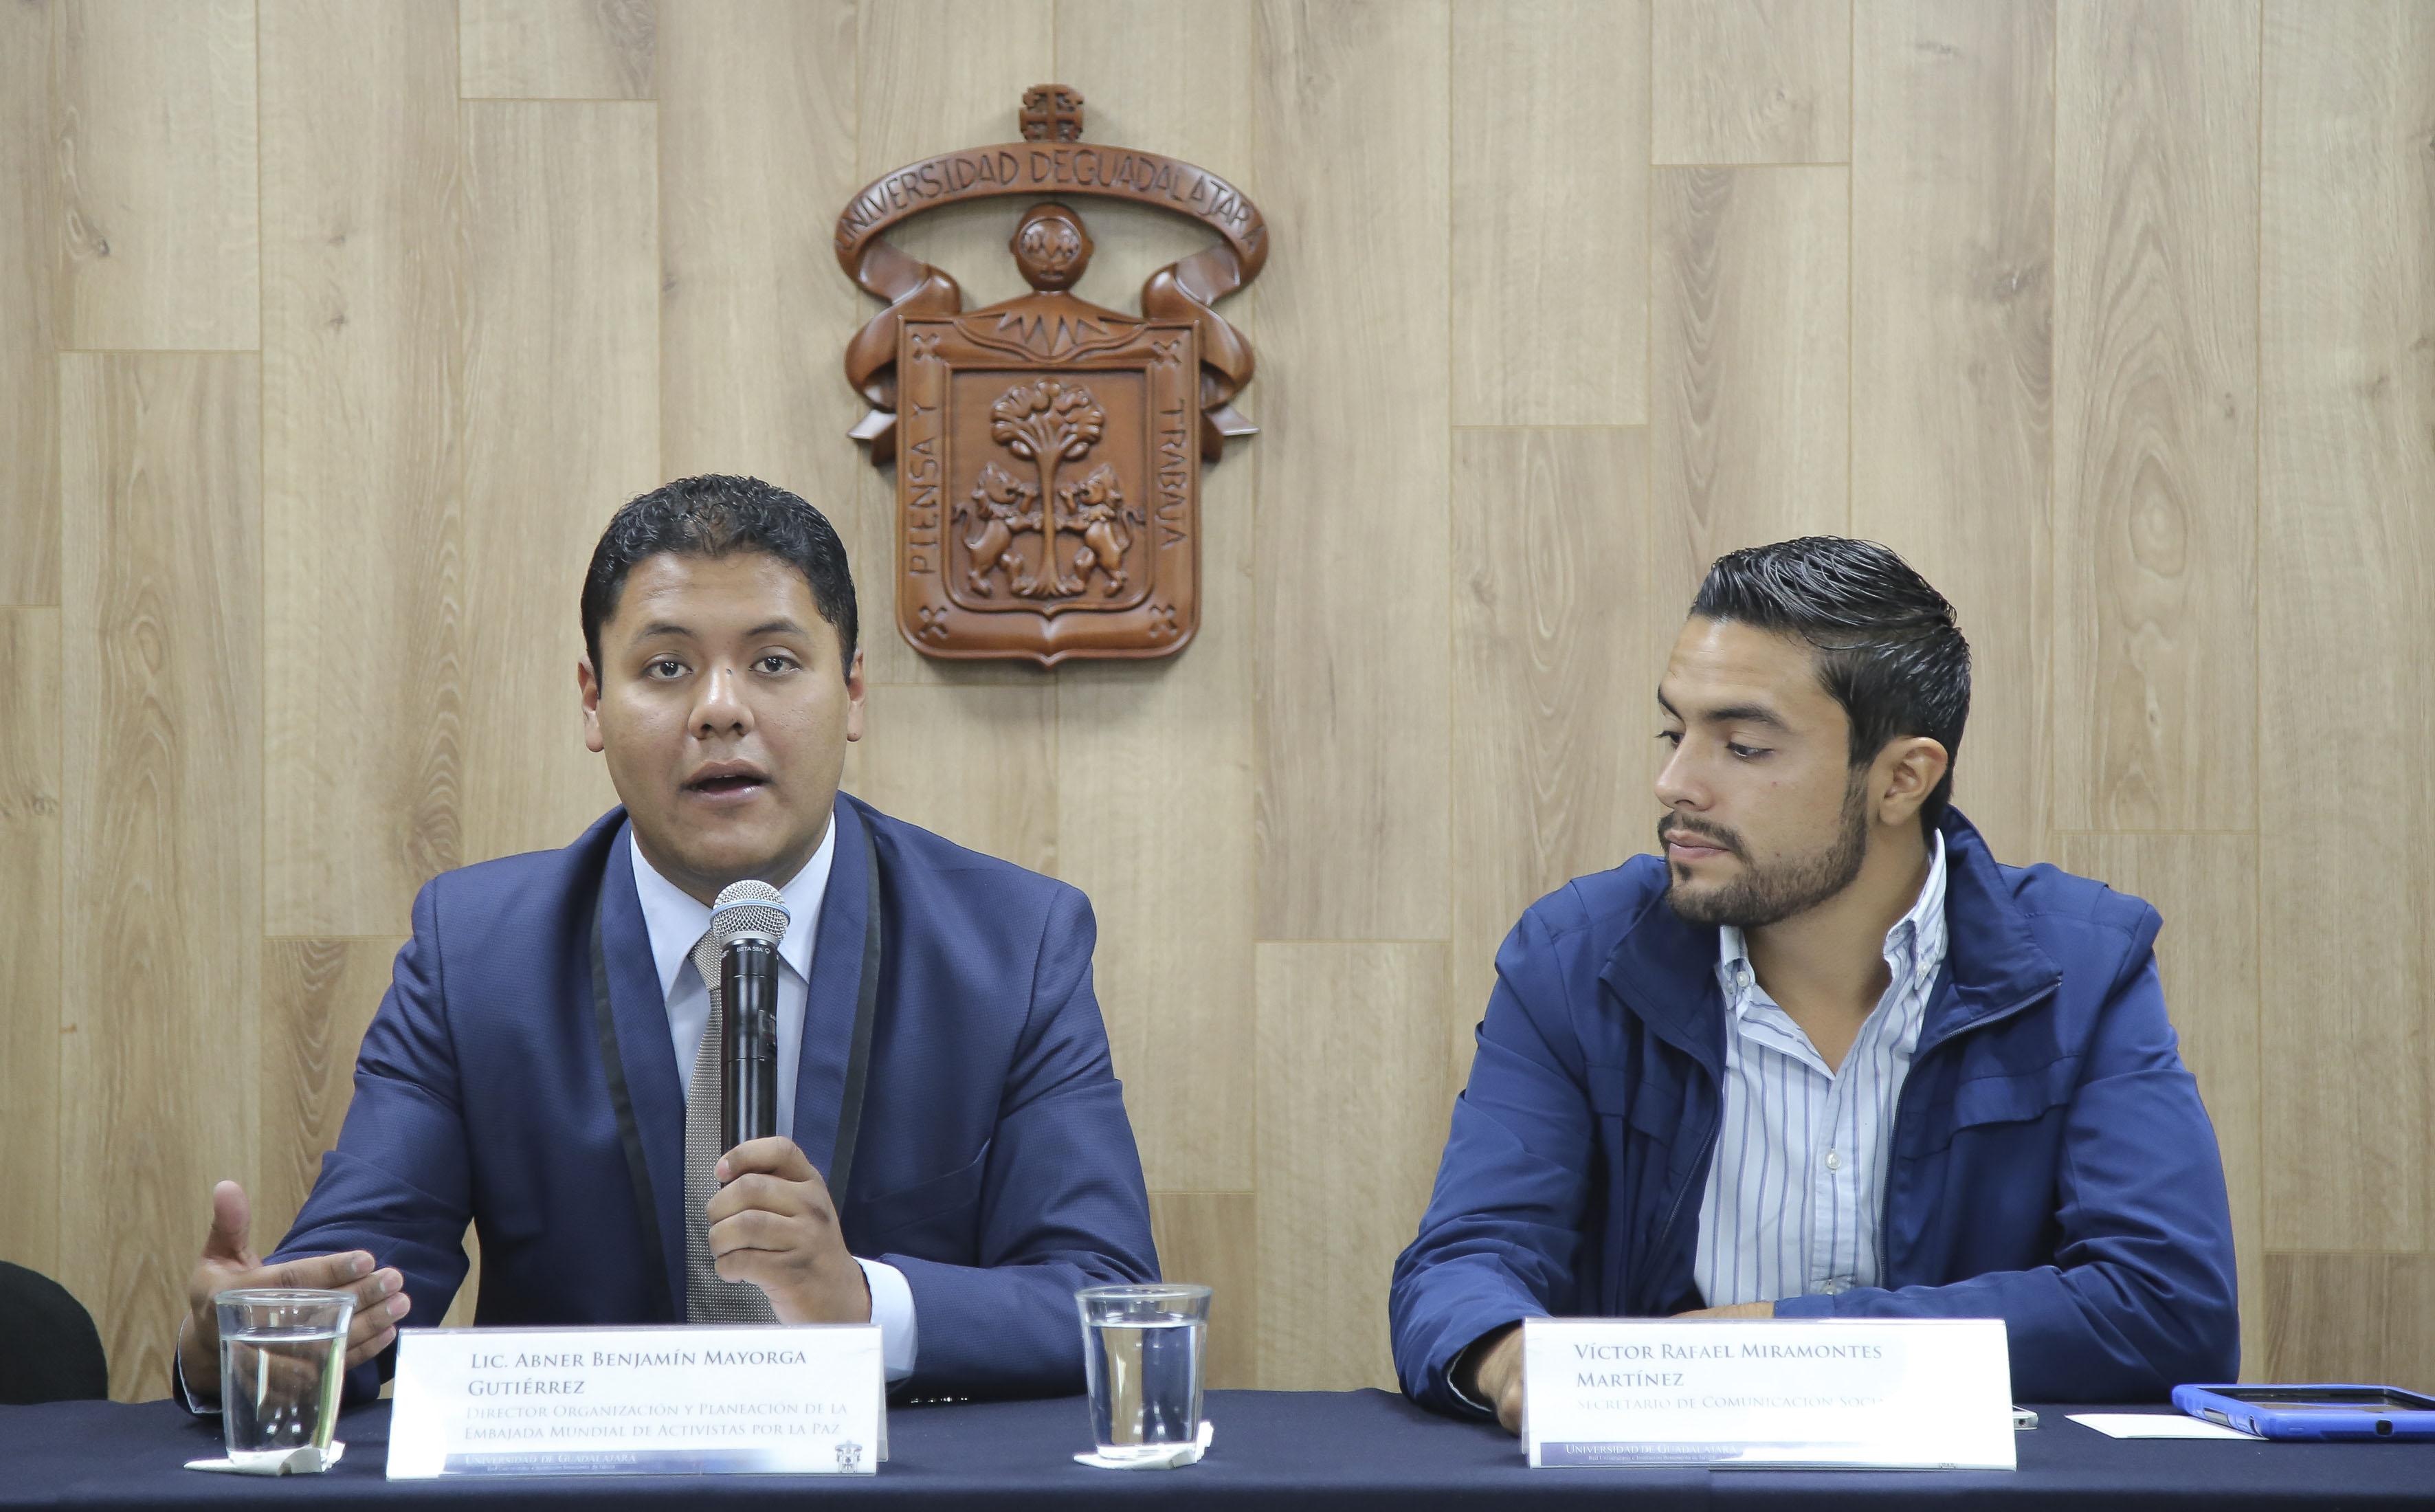 Lic. Abner Benjamín Mayorga Gutiérrez, Director de Organización y Planeación de dicha embajada en México, haciendo uso de la palabra